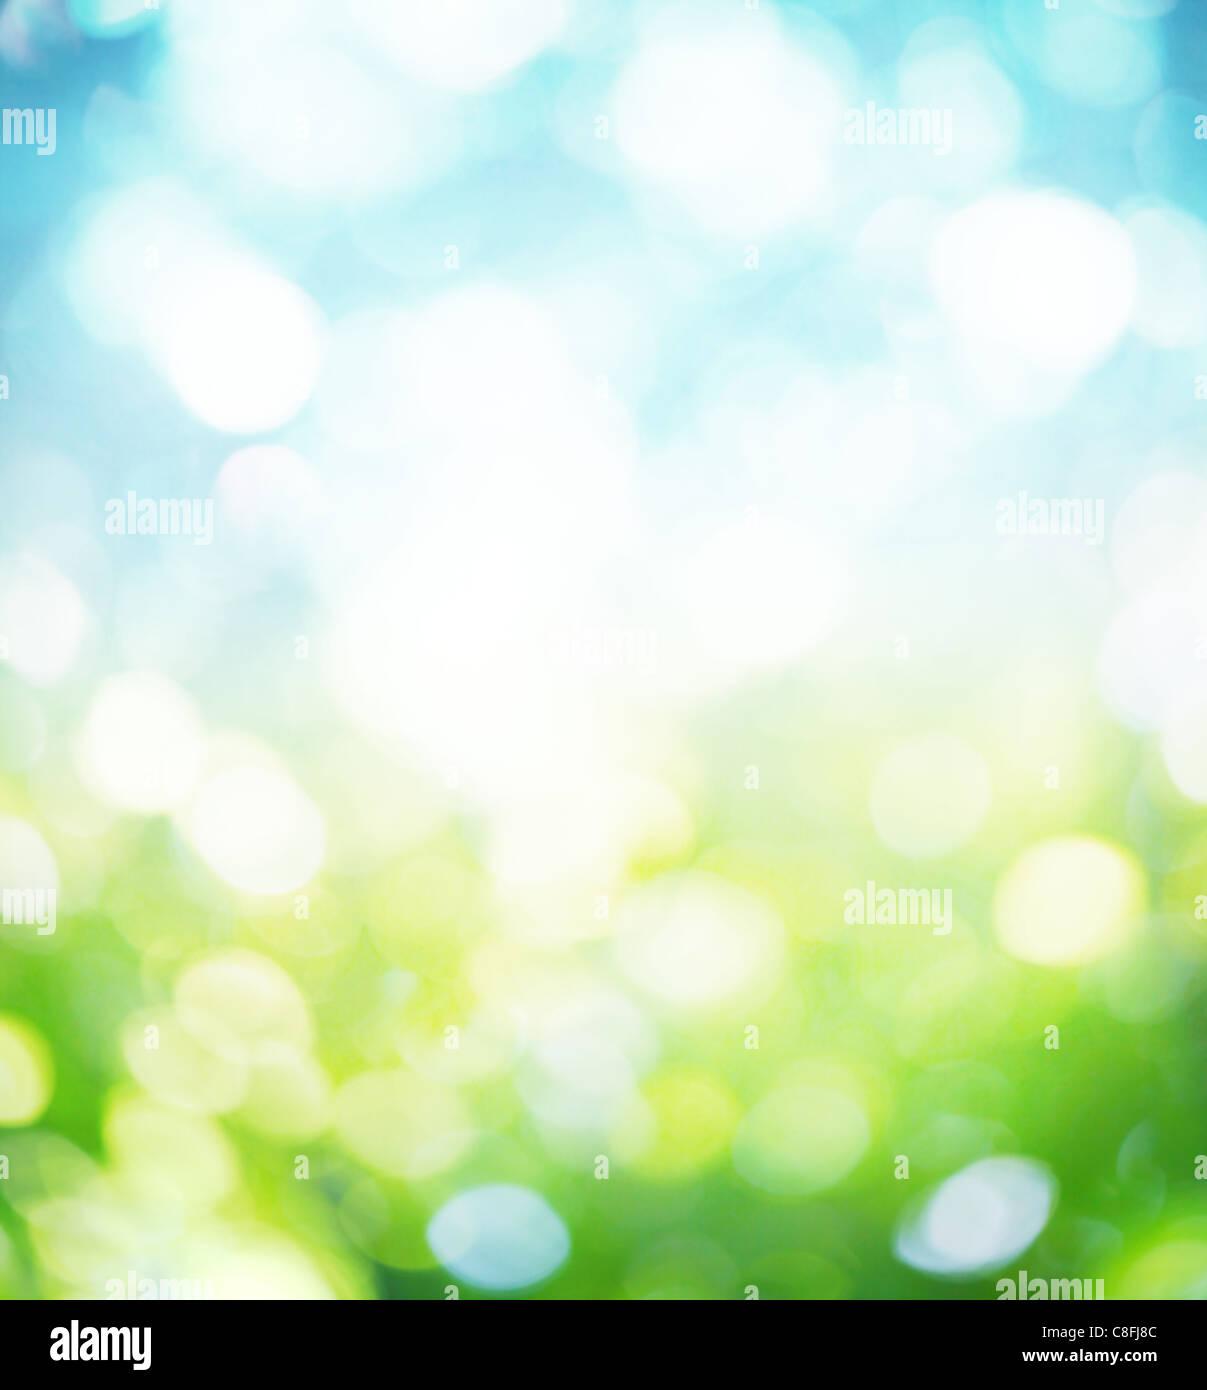 Natur Hintergrund weichzeichnen. Stockbild